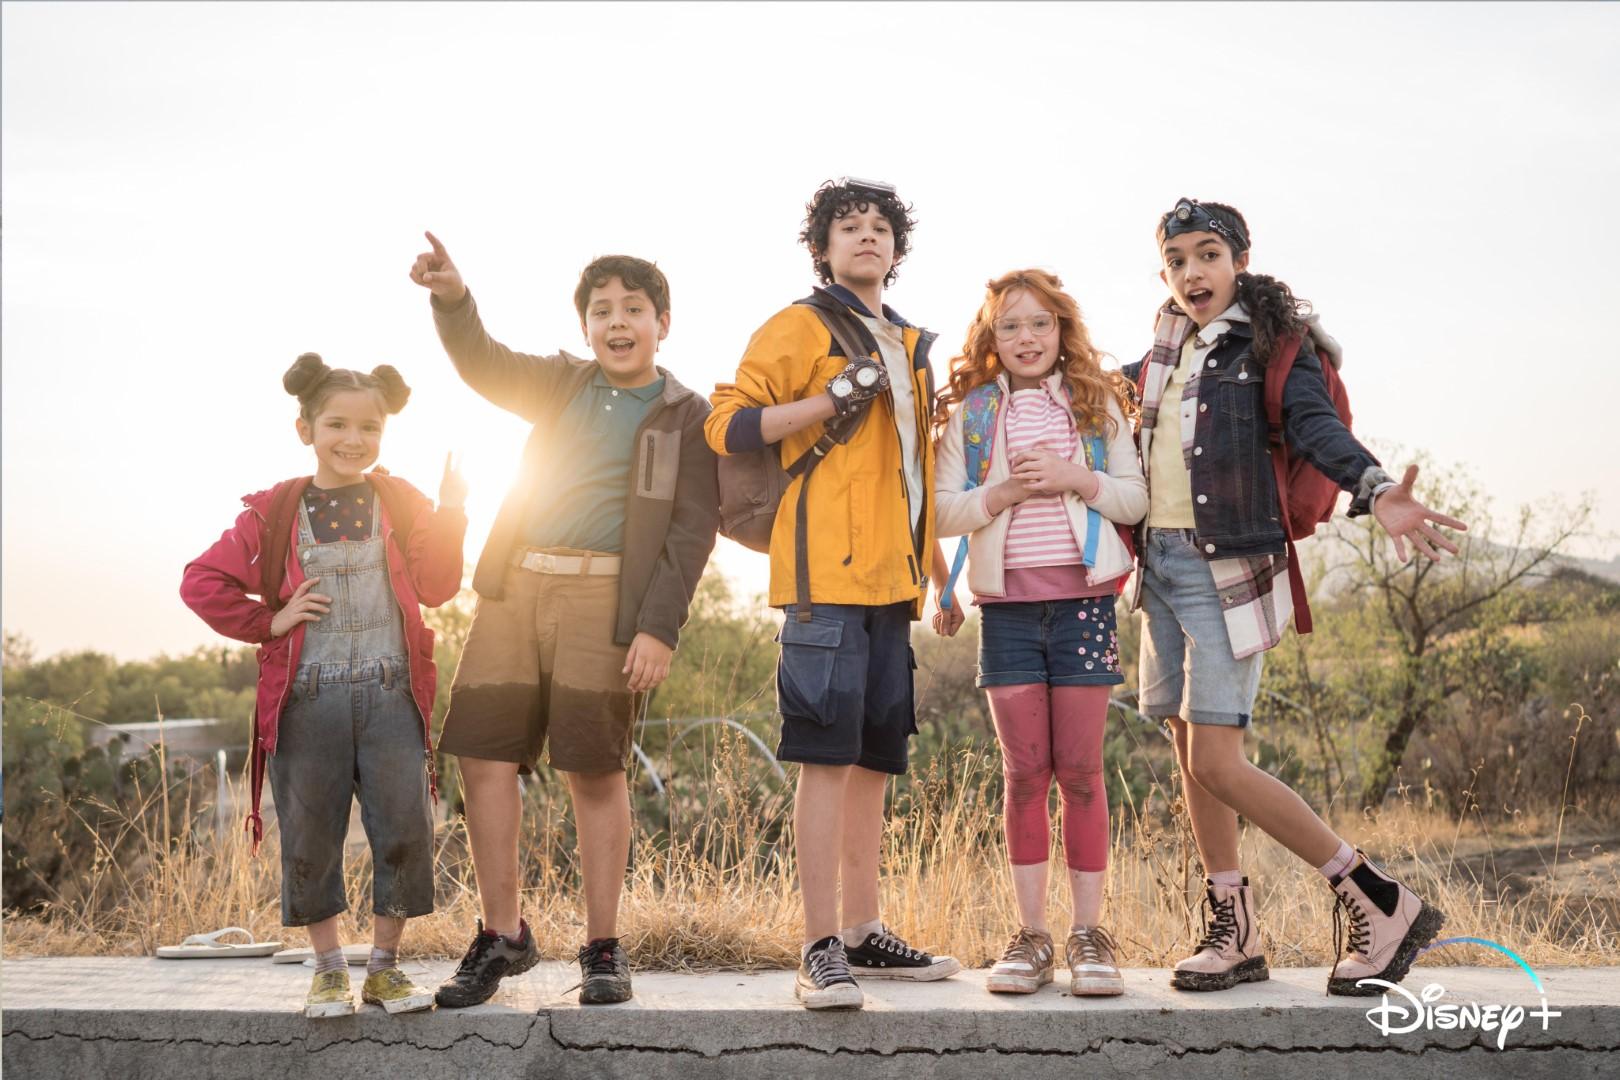 Viagem-ao-Centro-da-Terra-Disney-Plus-2 Viagem ao Centro da Terra: Nova Série Latino-Americana em Breve no Disney+